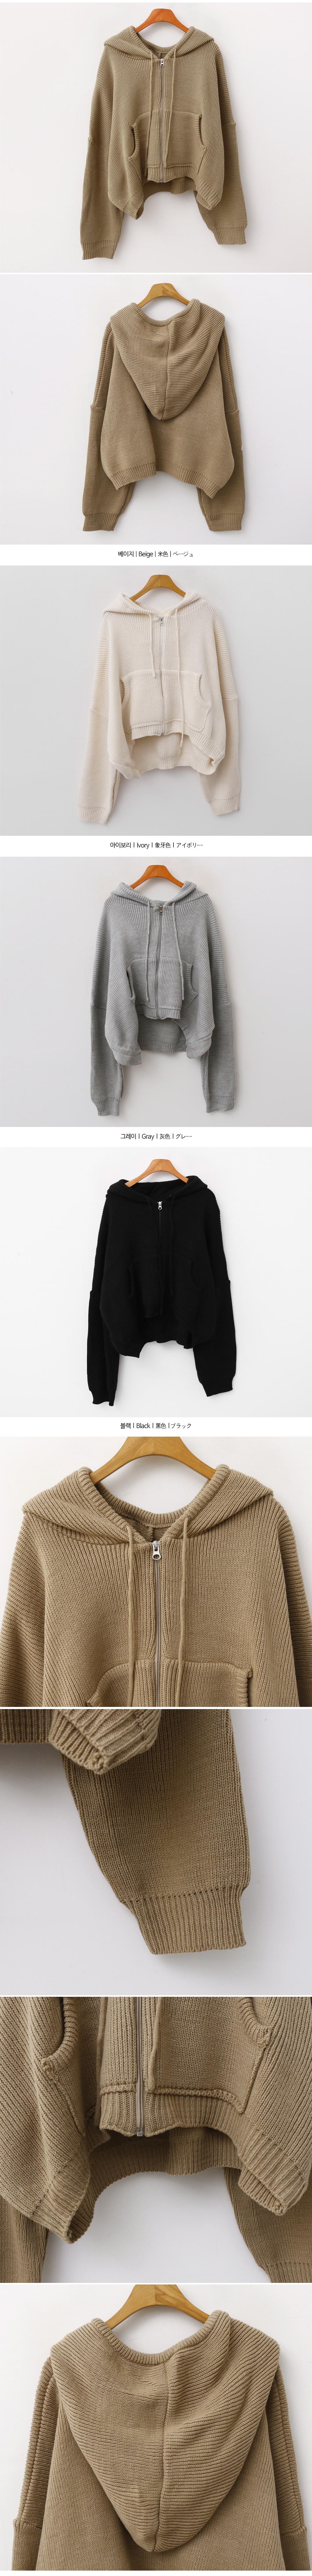 Hooded Knitwear Zip-Up